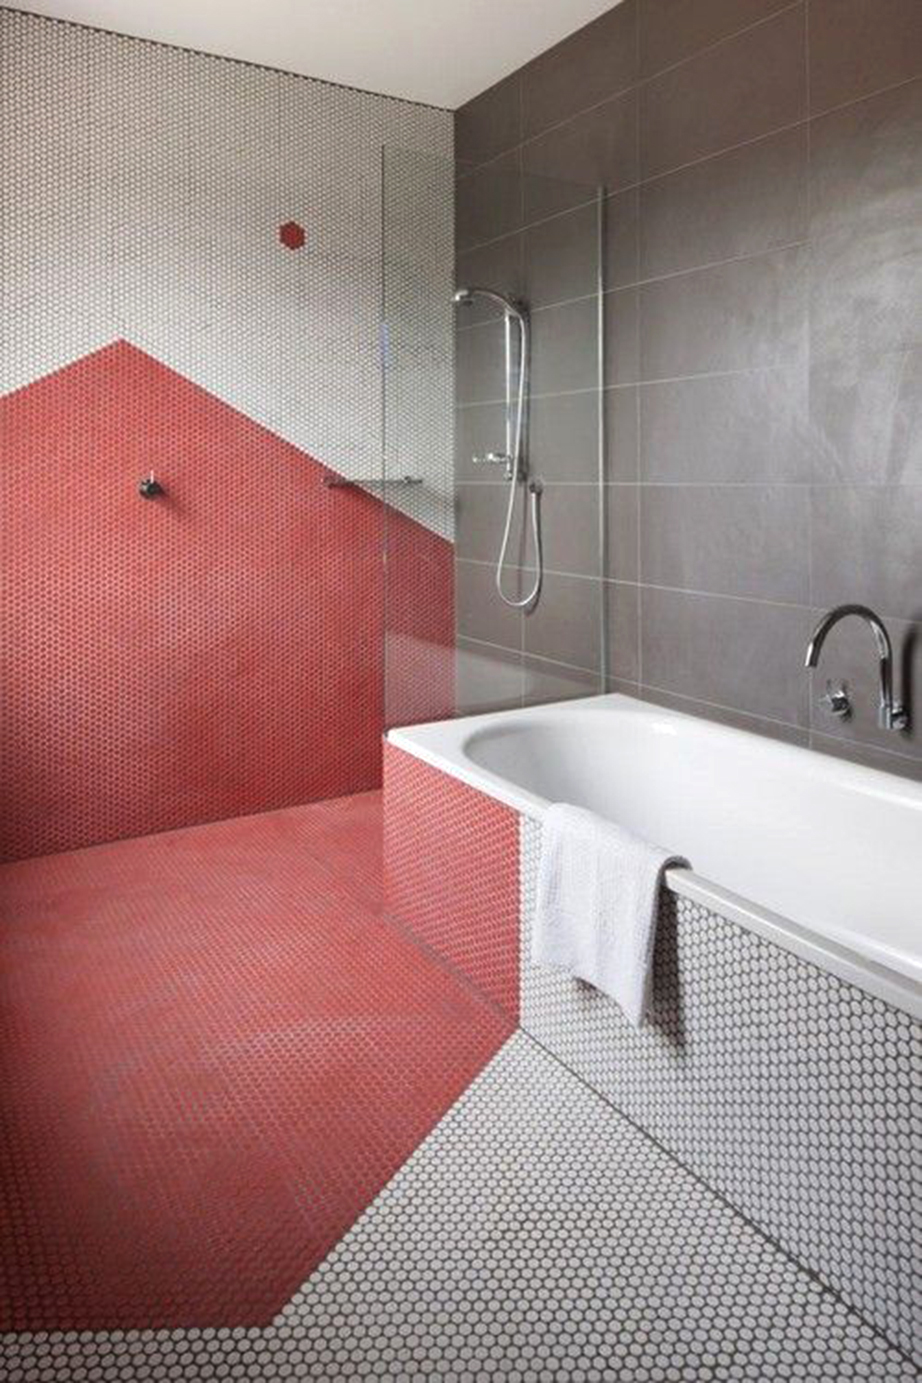 Μπορεί η επένδυση του χρώματος να έγινε σε όλες τις επιφάνειες του συγκεκριμένου μπάνιου και με τρόπο χρωματικό να τις ένωσε ωστόσο το τελικό αποτέλεσμα δεν είναι καλό.